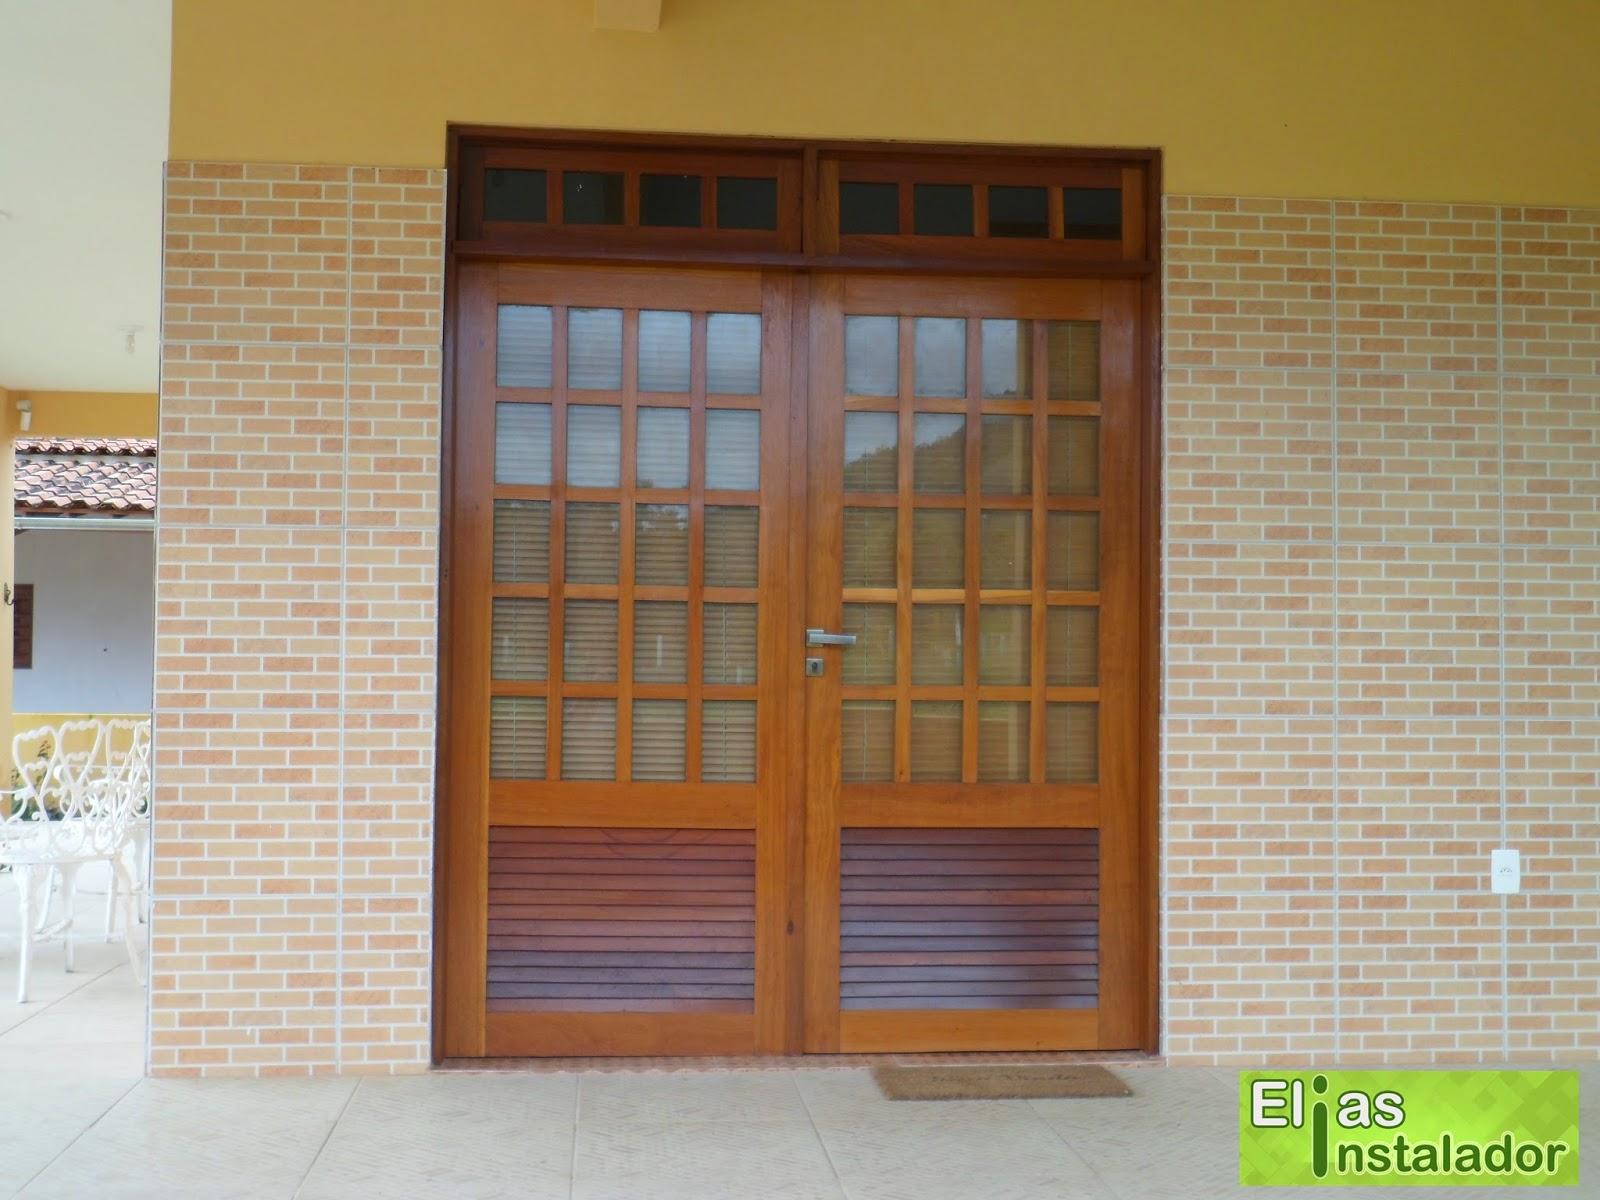 #78A229 Elias Instalador: Persiana horizontal cor madeira em porta e janela 606 Janelas Em Pvc Cor Madeira